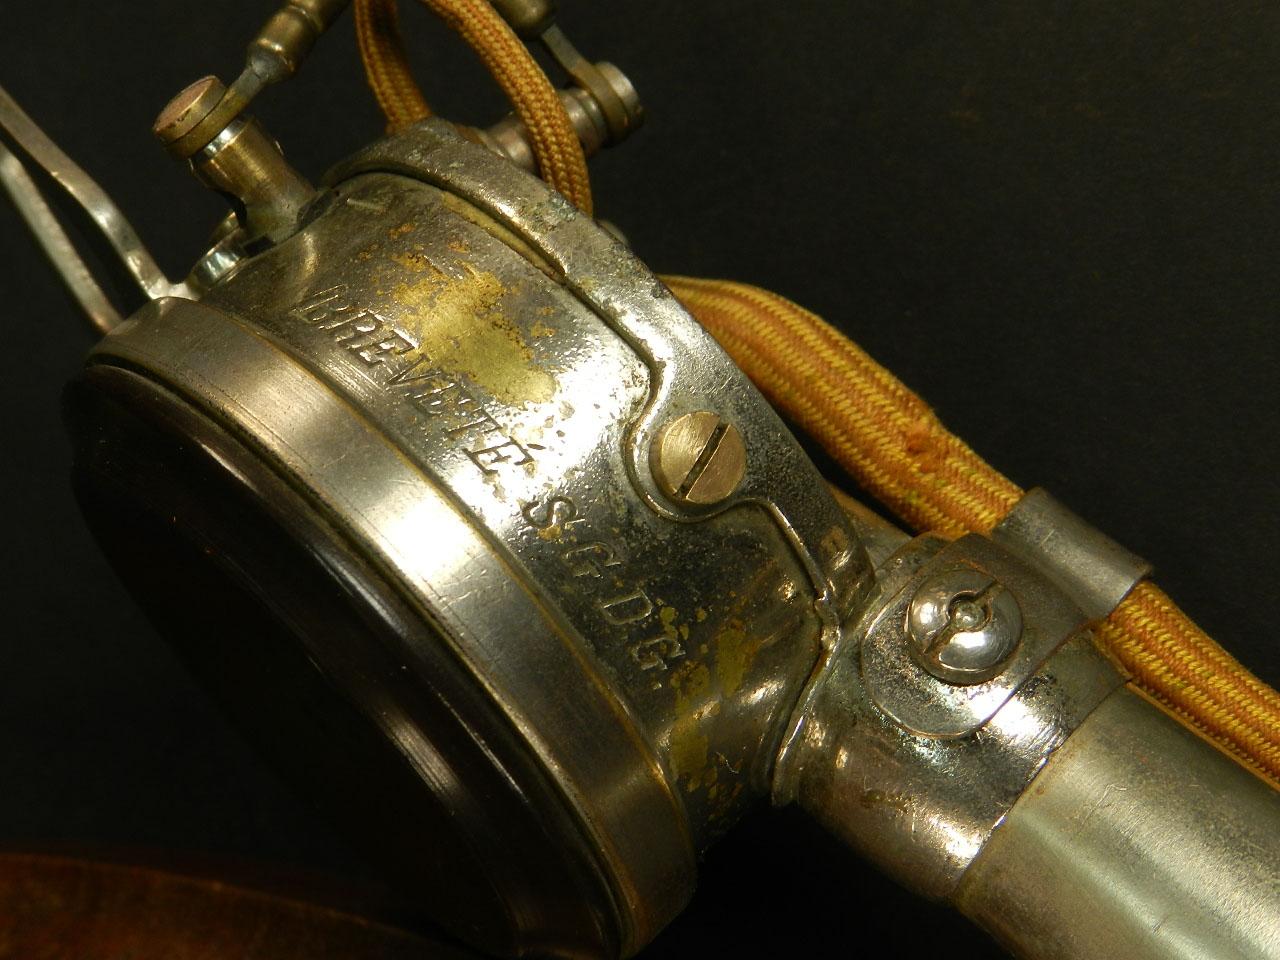 Imagen ESPECTACULAR TELÉFONO S.I.T  -EL VIOLÓN-  AÑO 1903 25597